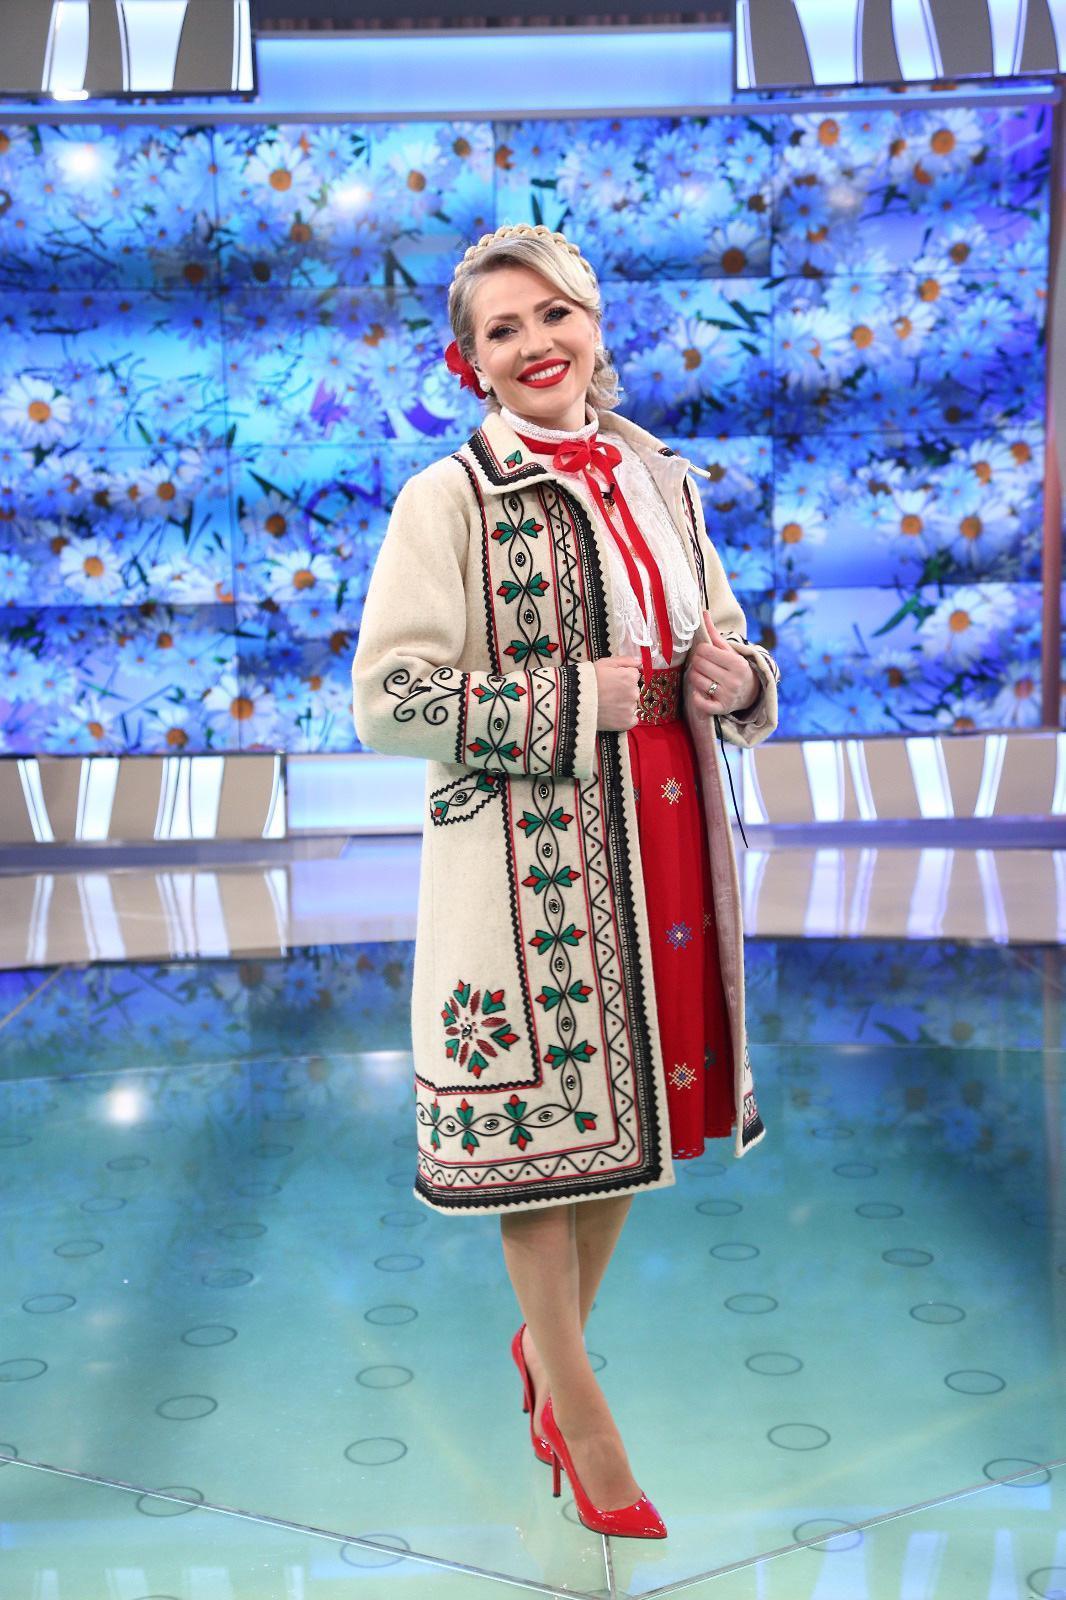 Mirela Vaida în haine tradiționale românești și pantofi roși